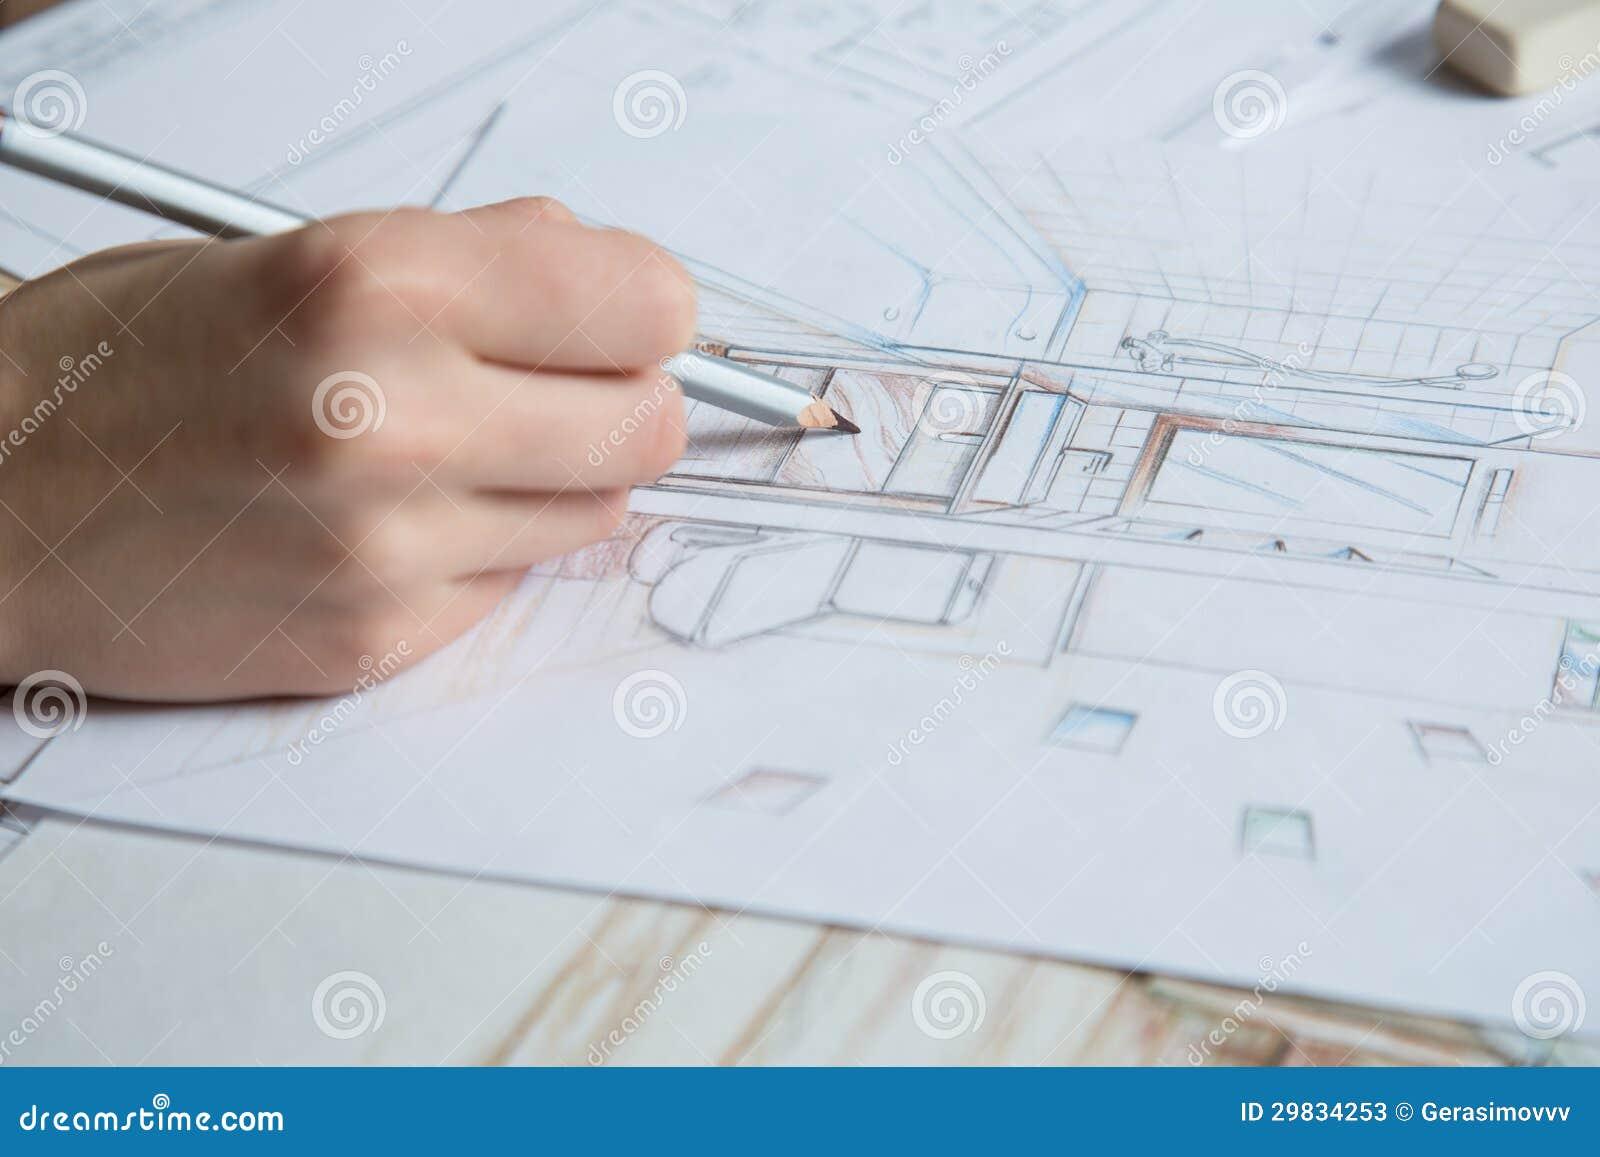 d tails de dessin de main d 39 int rieur illustration stock